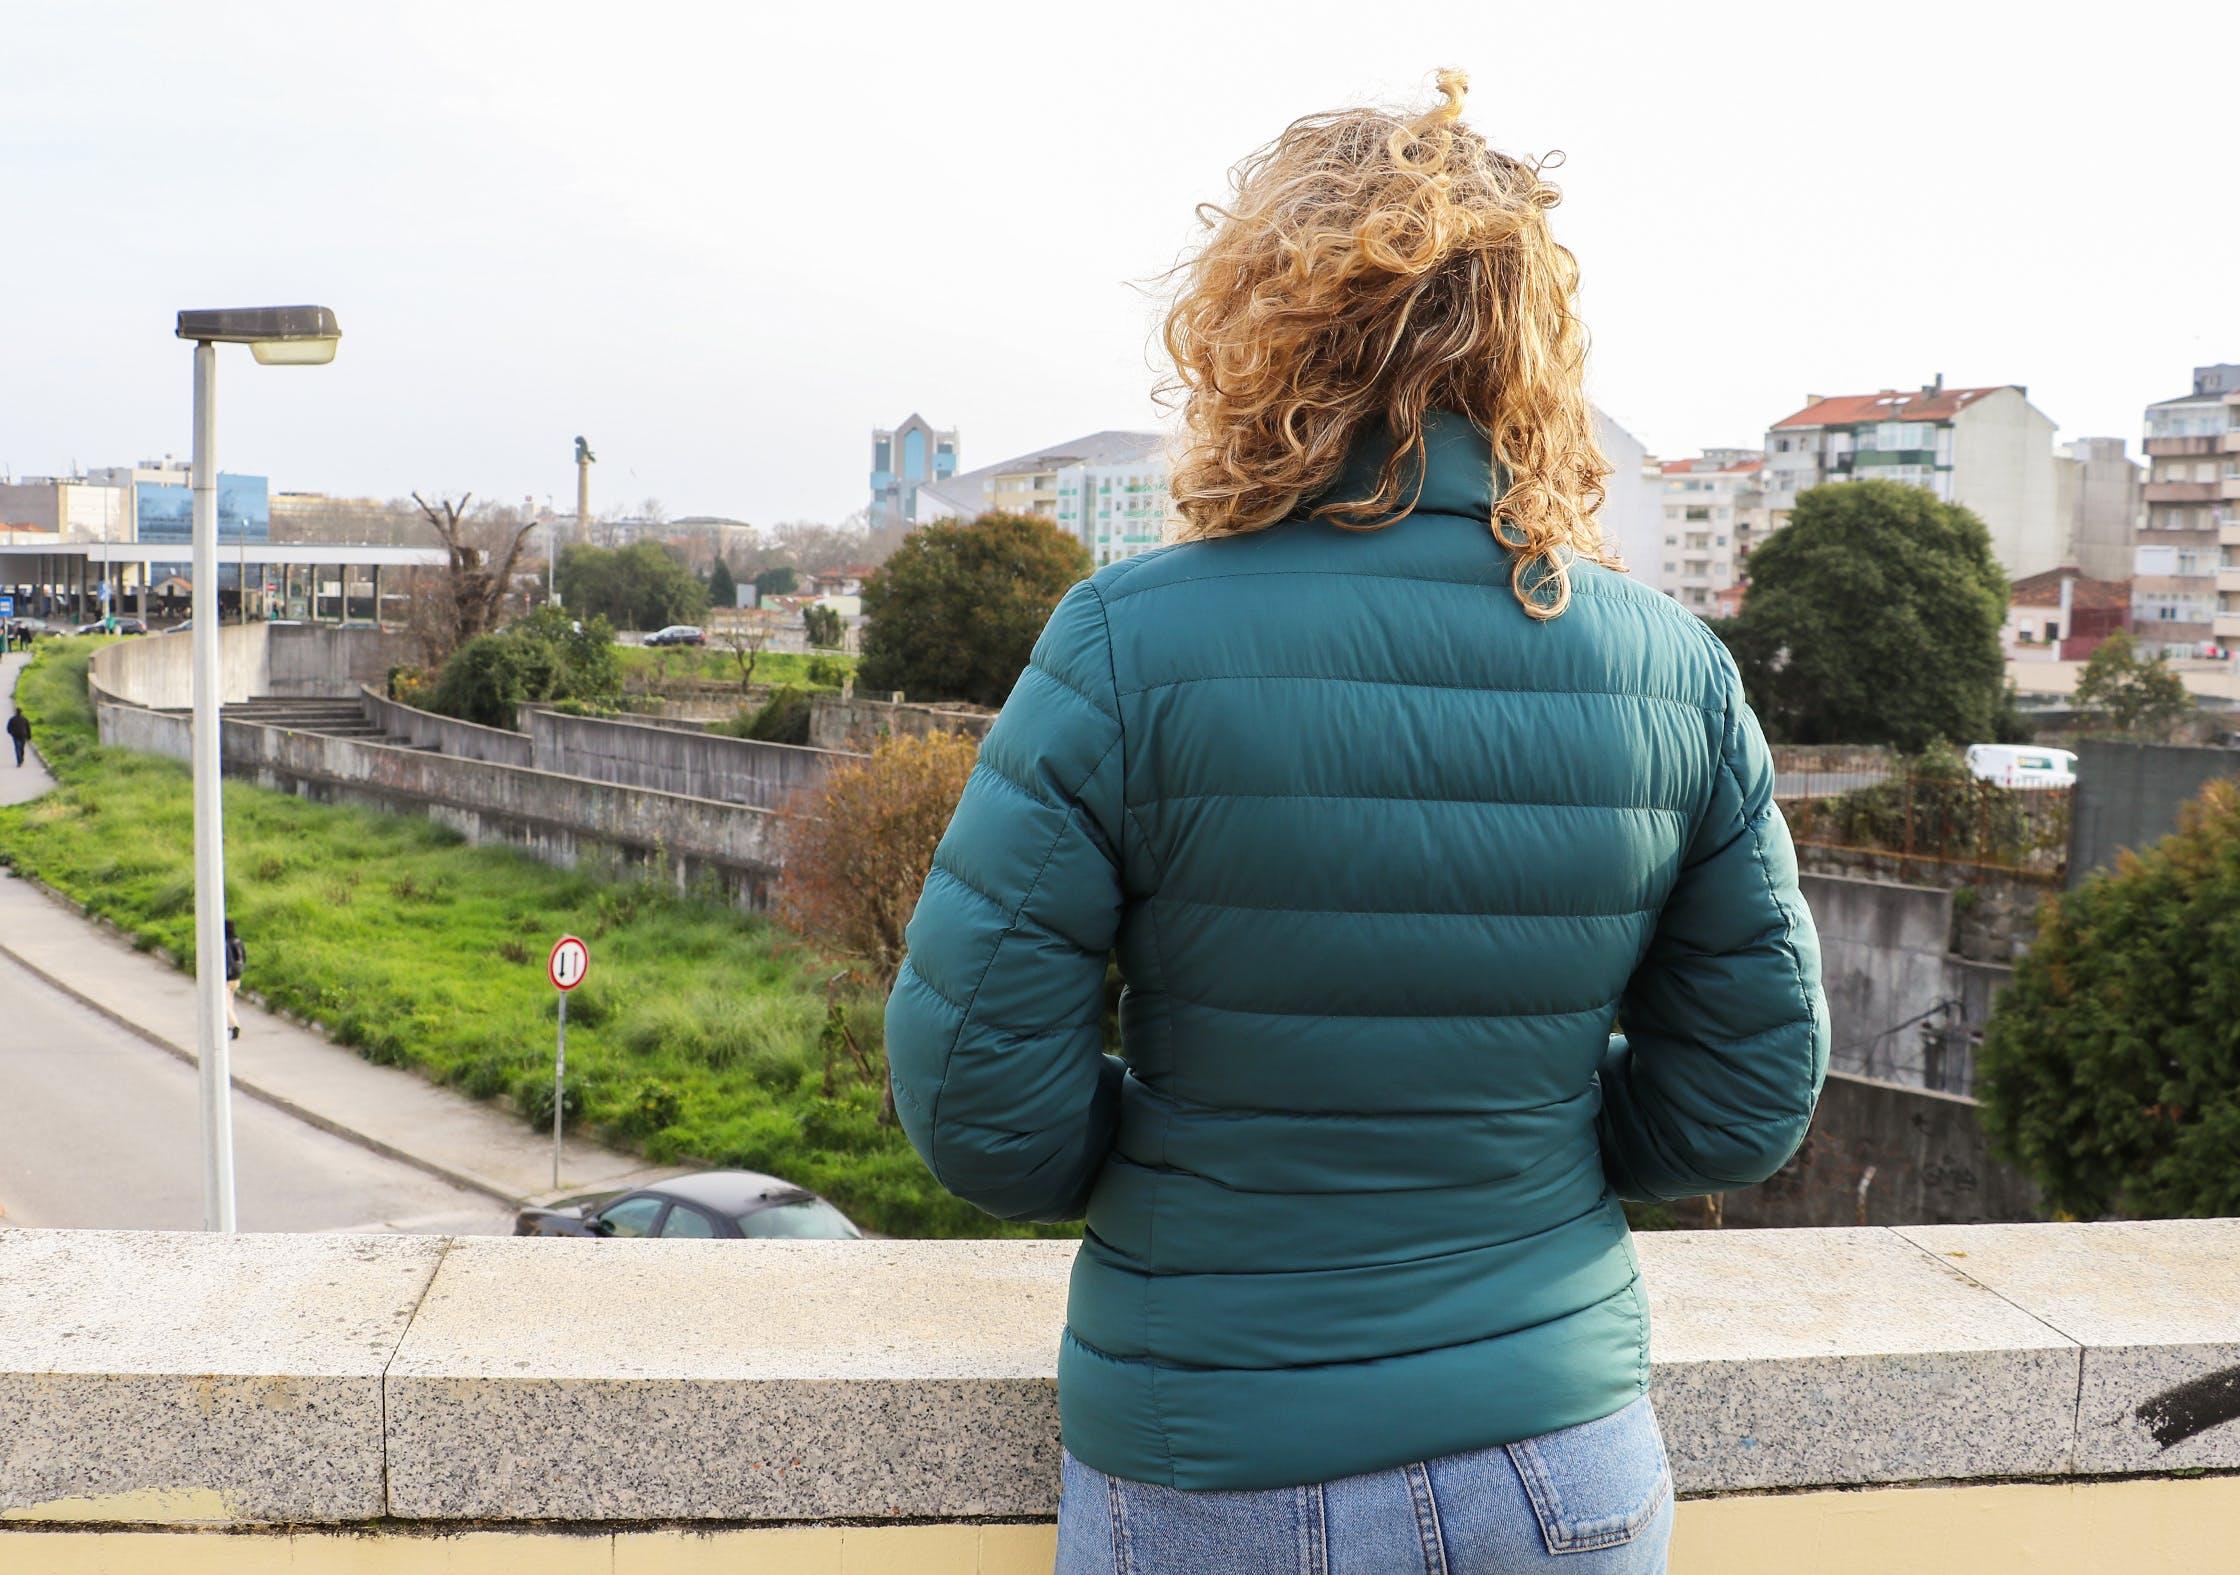 Uniqlo Ultra Light Down Jacket In Porto, Portugal